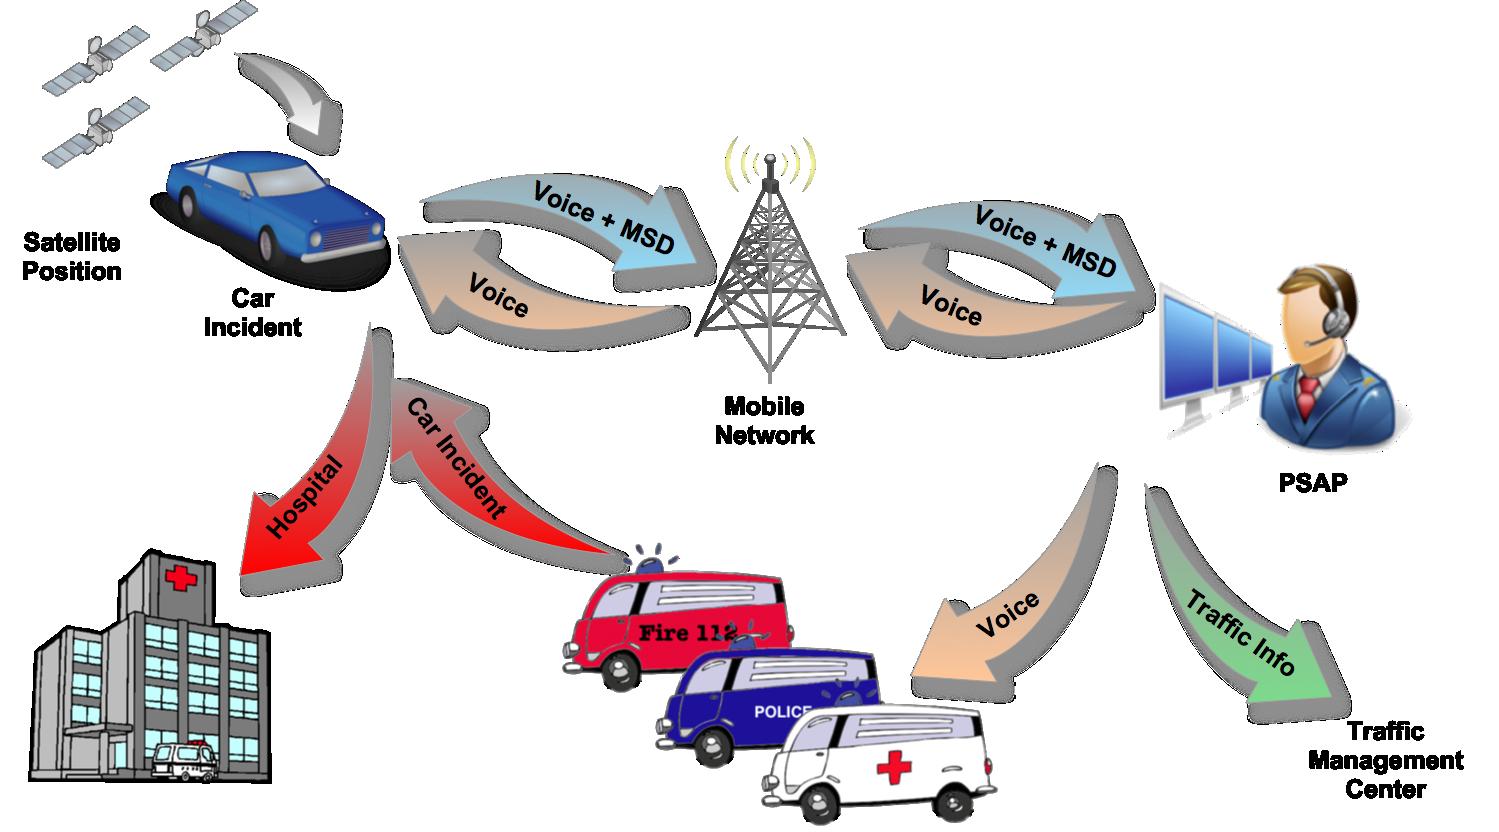 Υποχρεωτικό για όλα τα αυτοκίνητα στην Ε.Ε. το eCall από το 2015 – Το Ματριχ σε πλήρη εφαρμογή …